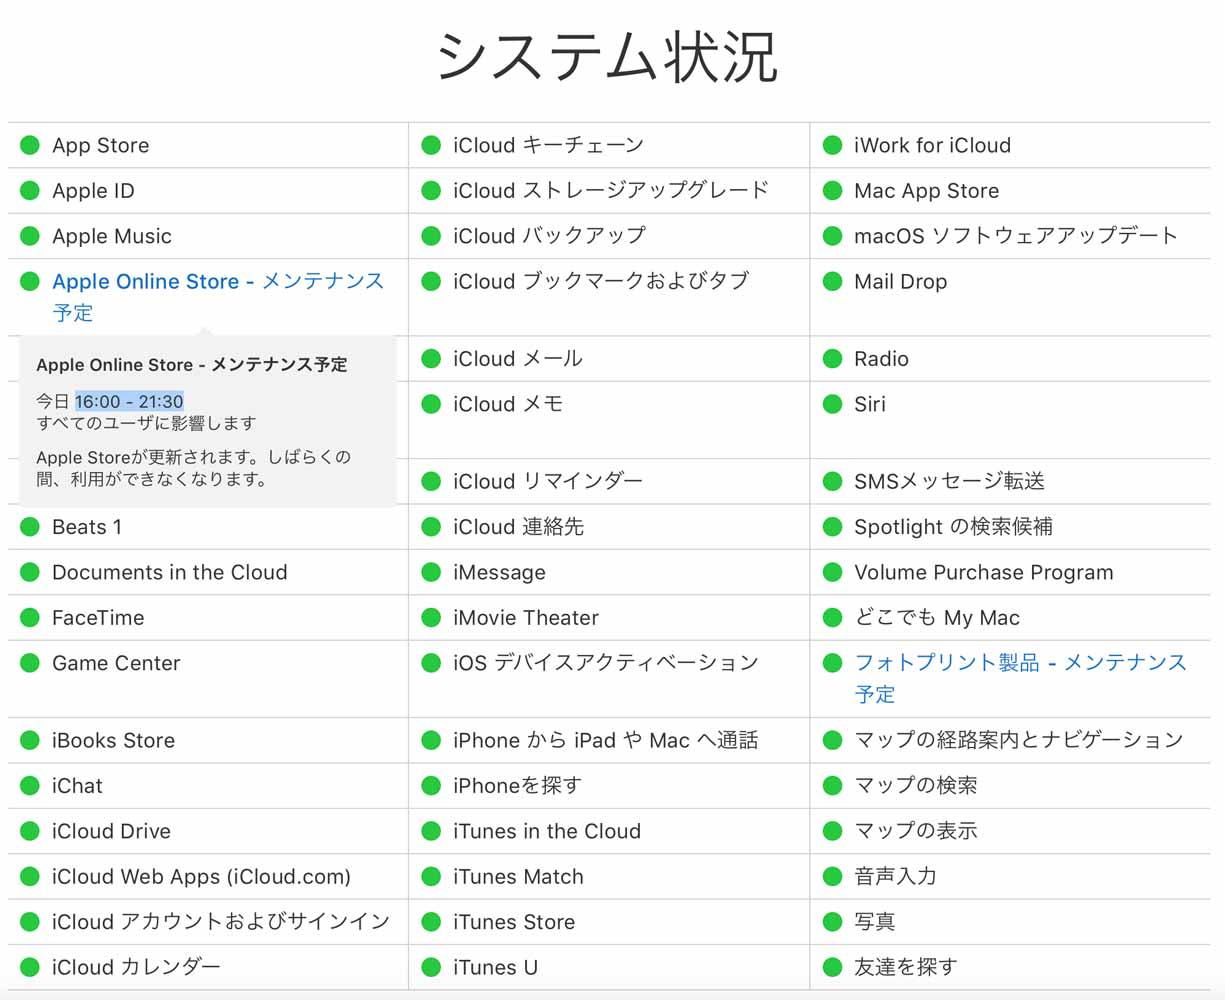 Apple、オンラインストアを本日(3/21)「16:00 - 21:30」までメンテナンス予定 ー 新型「iPad」発売の準備!?